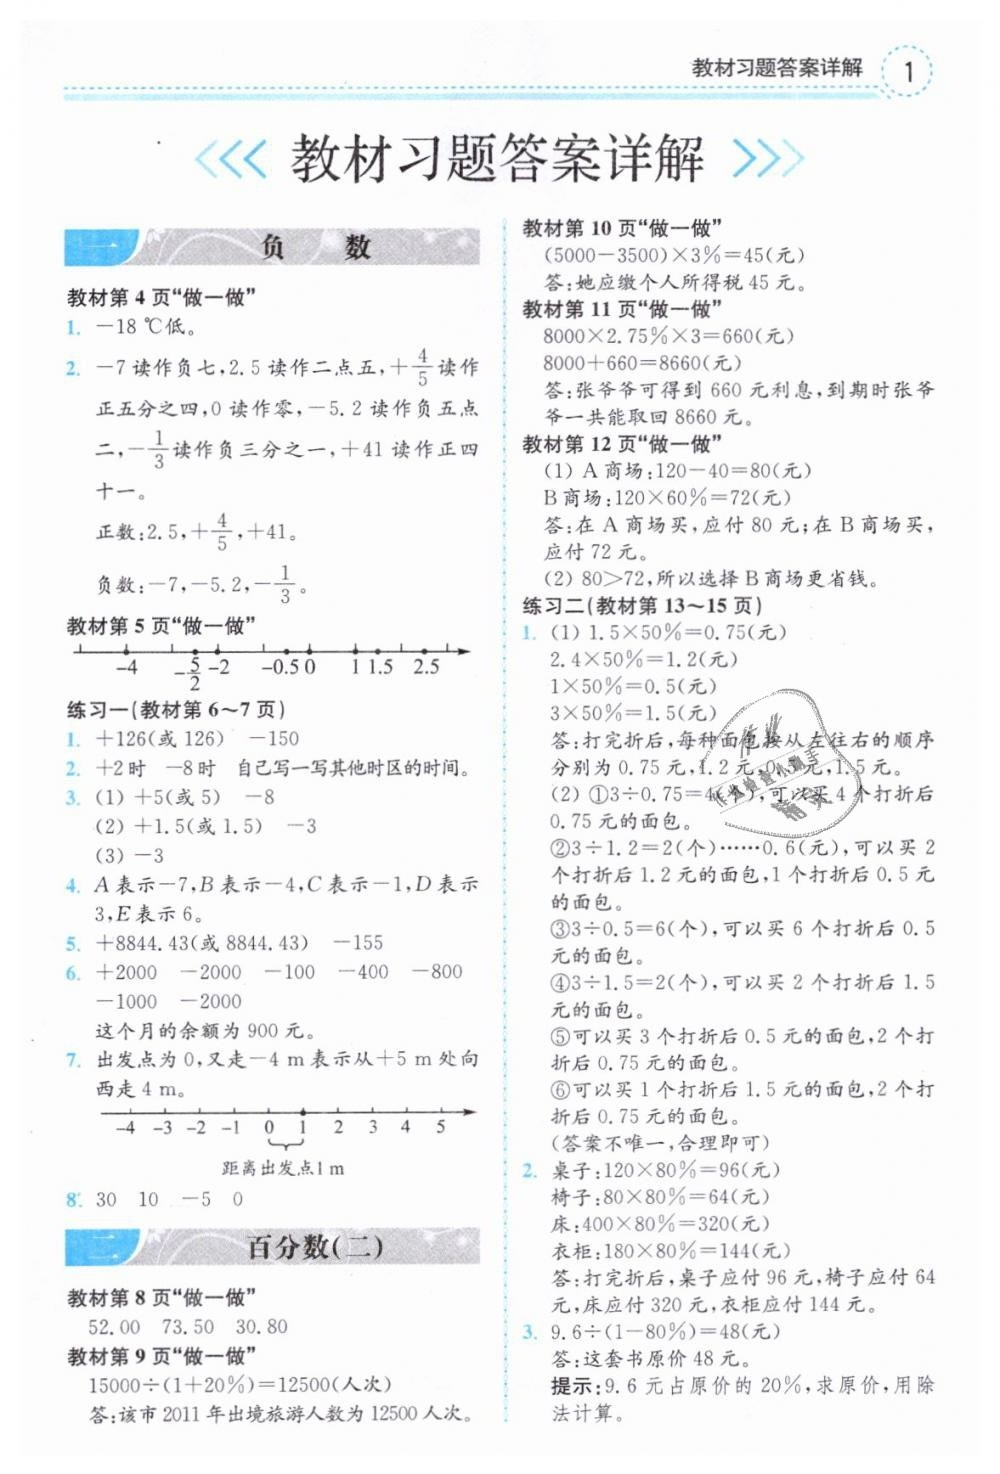 2019年教材教材六年级数学下册人教版第1页